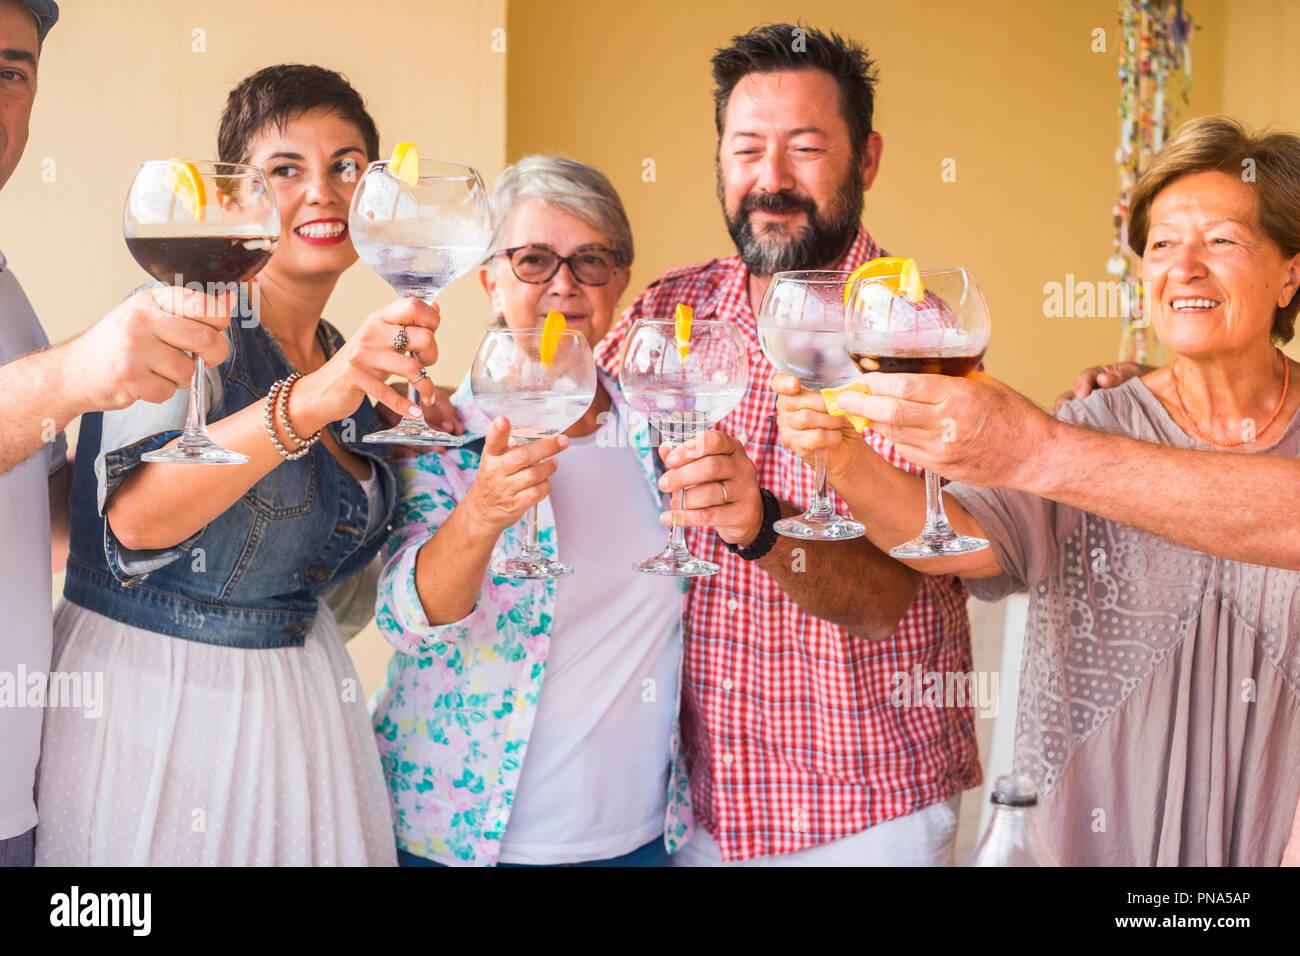 Felice gruppo di età diverse persone che celebra e divertirsi insieme in amicizia a casa o al ristorante. il tifo e tostatura con cocktail e Immagini Stock